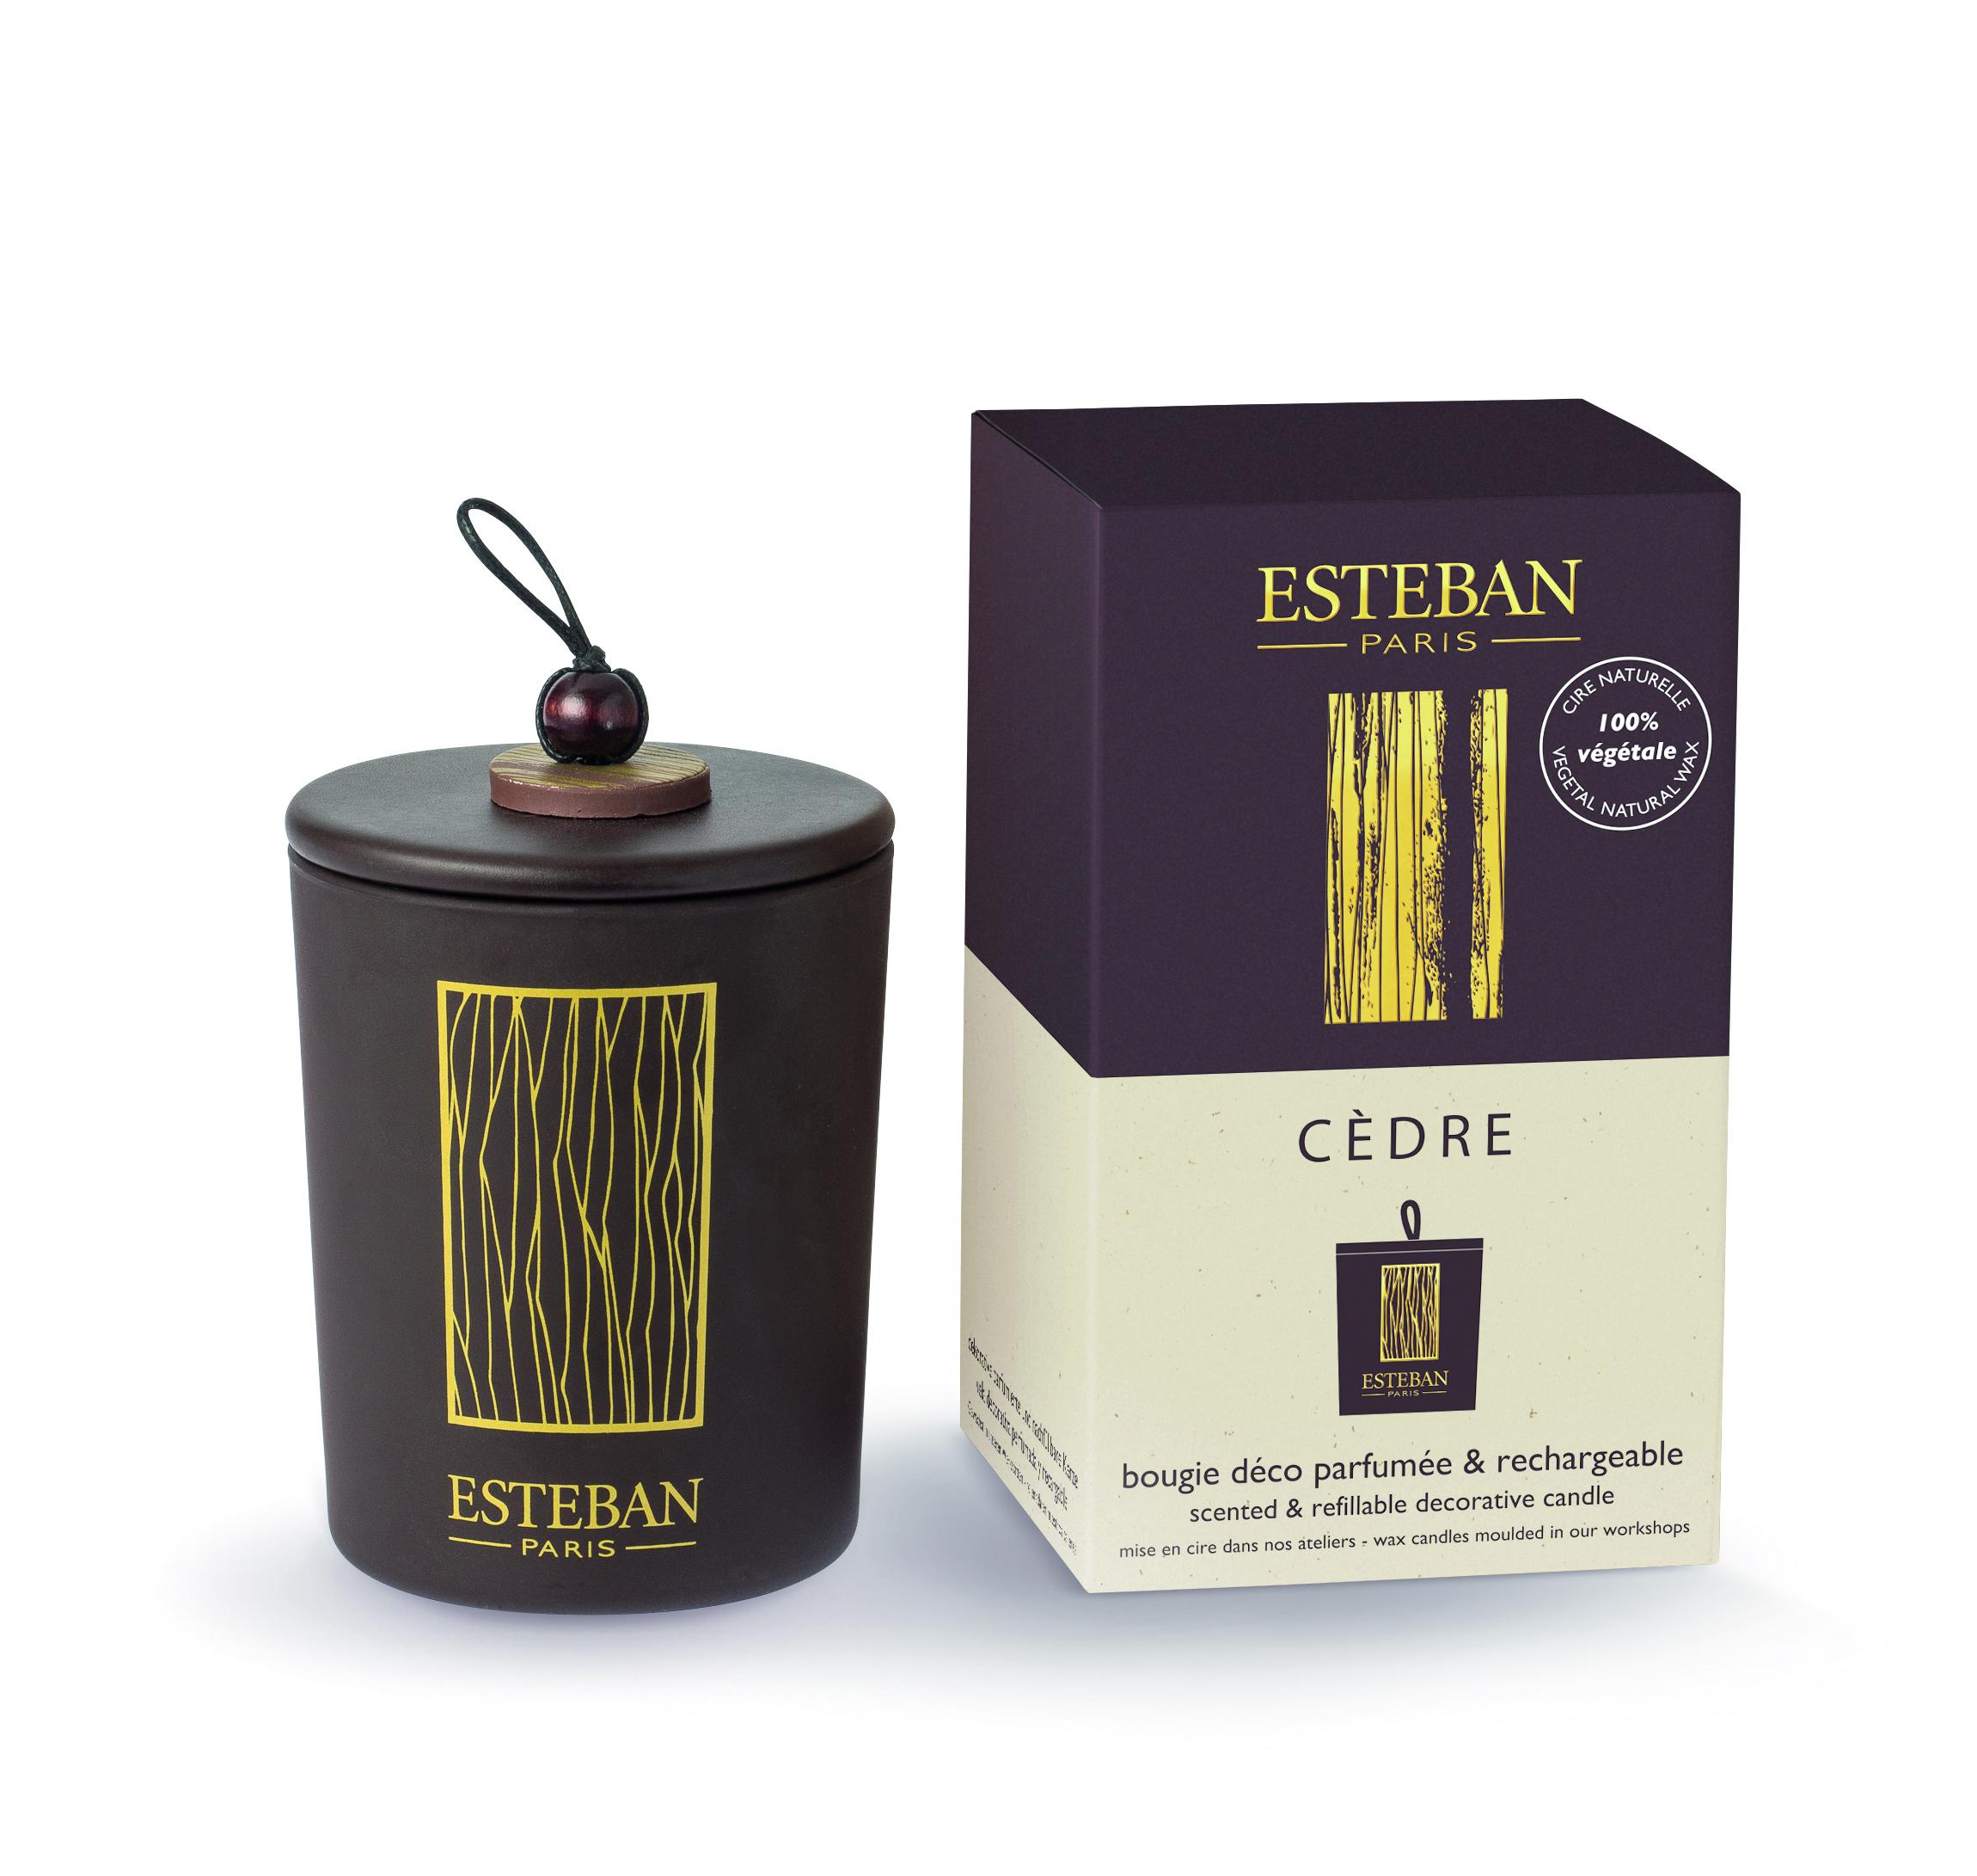 Bougie Decorative Parfumee Et Rechargeable Cedre Esteban Esprits